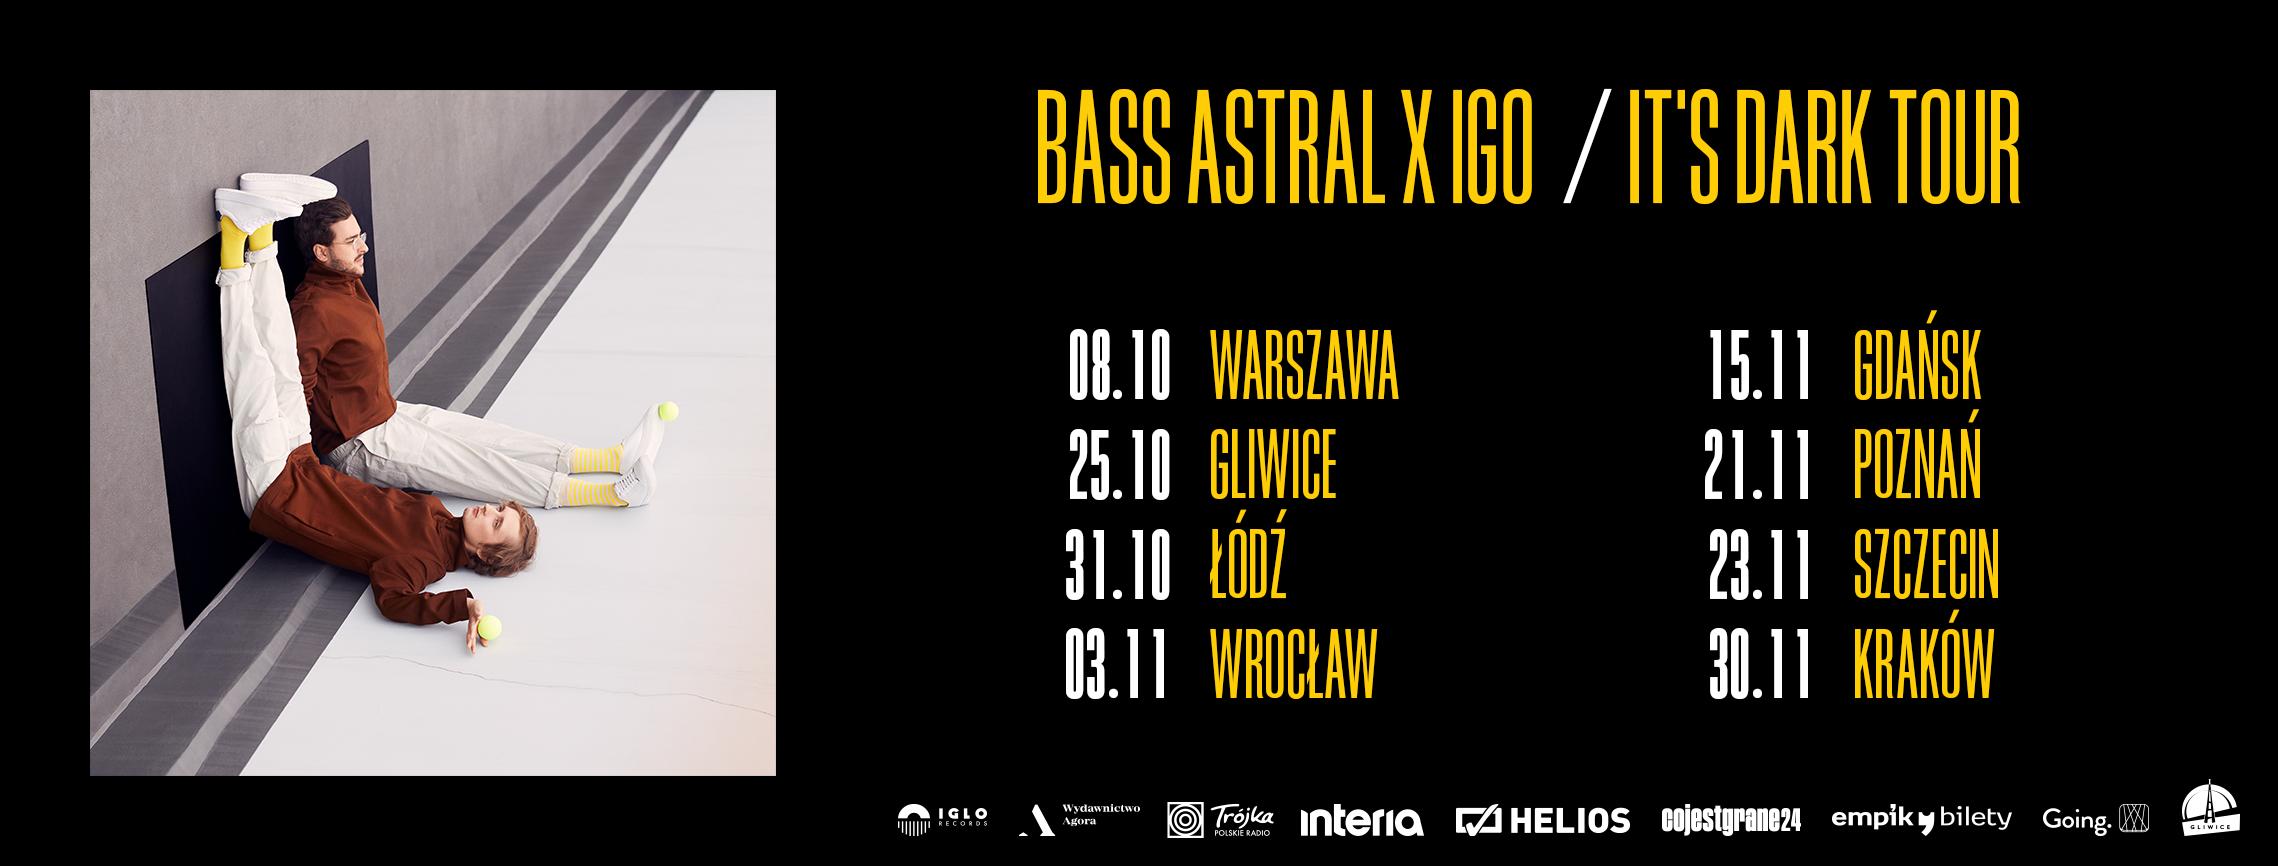 Bass Astral x Igo - IT'S DARK TOUR koncerty